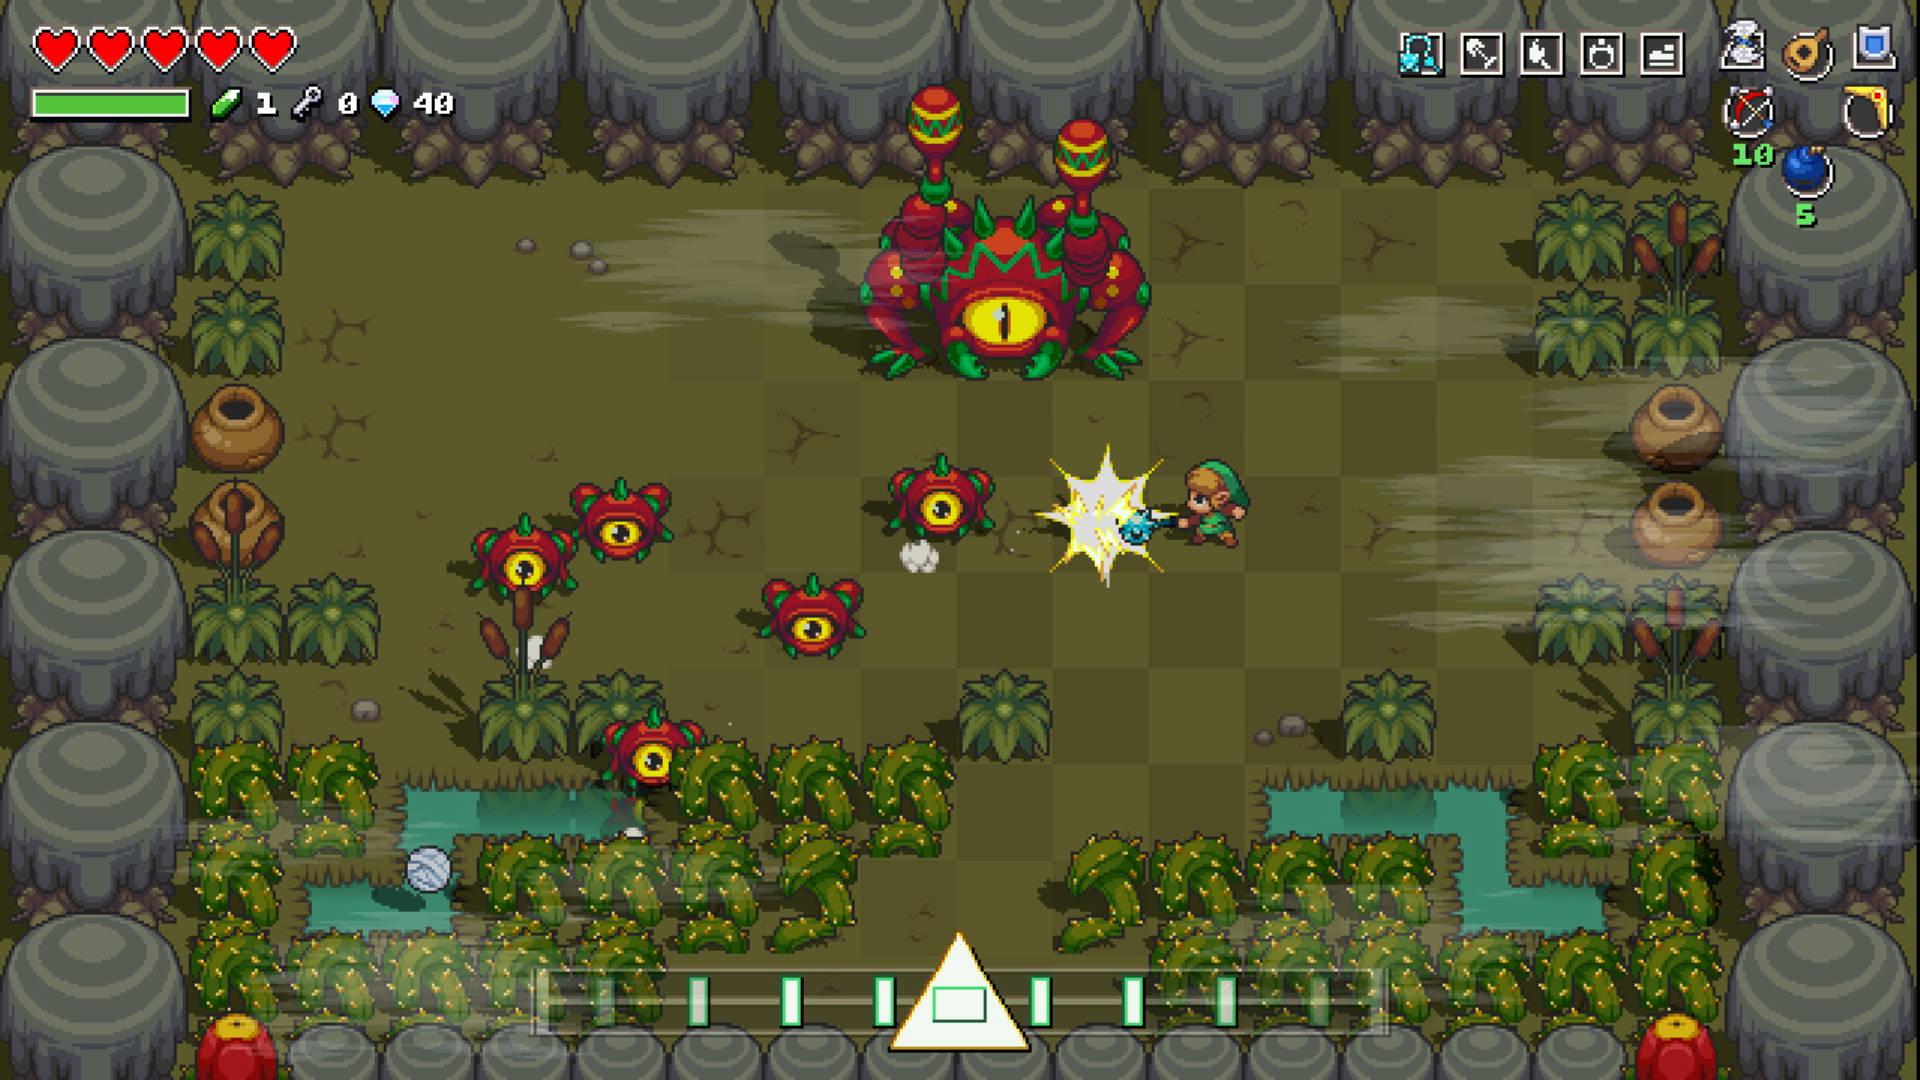 Battle against Gohmaracas in Cadence of Hyrule